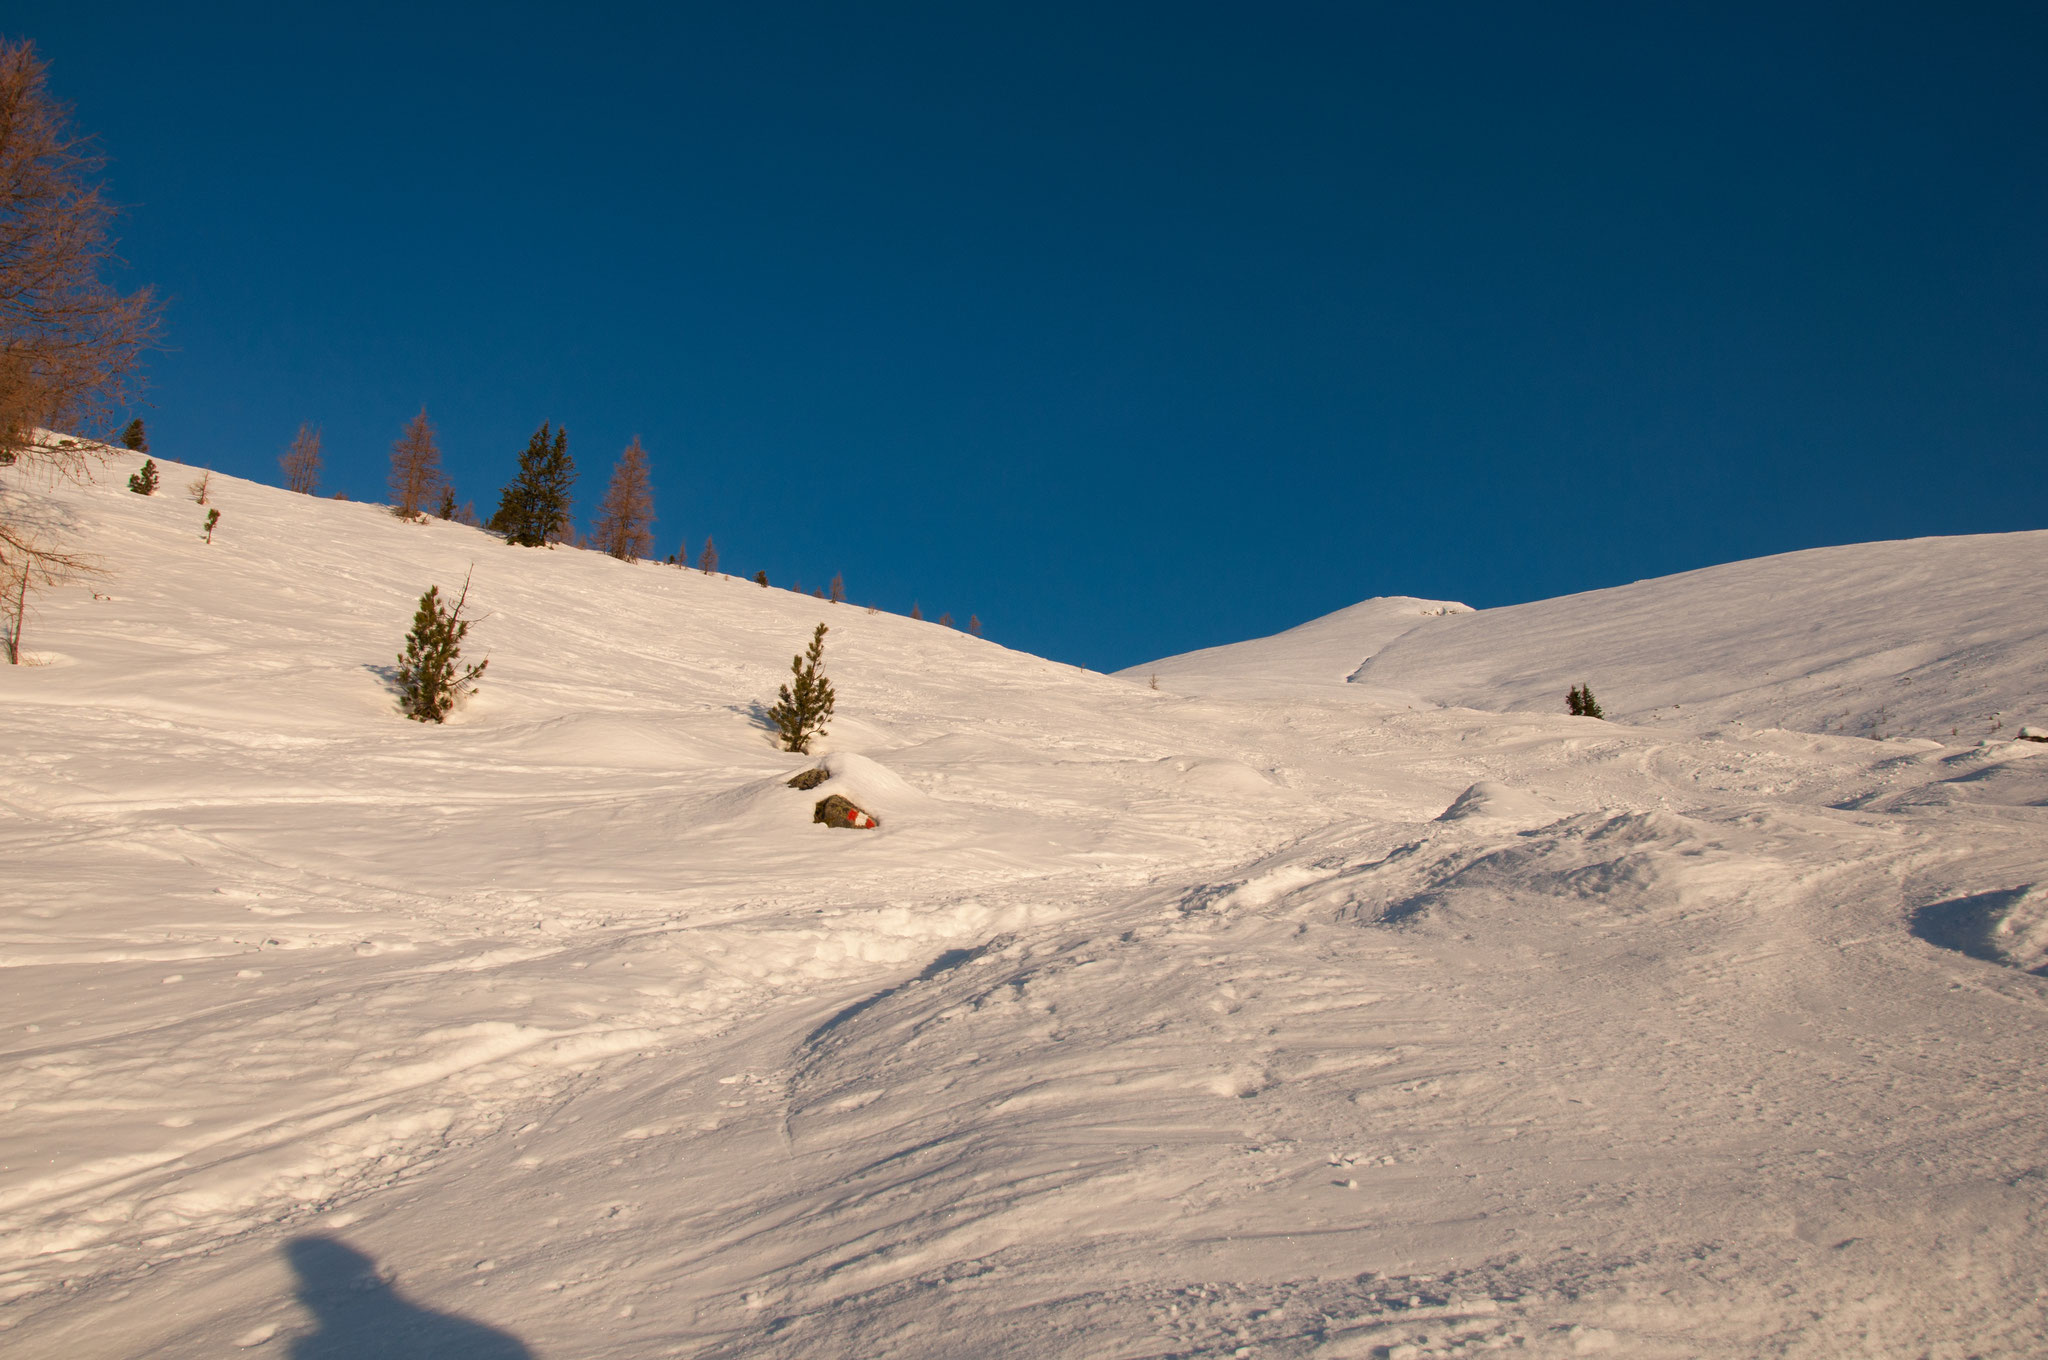 Nach der Halterhütte beginnt der Aufstieg über die markante Preberflanke, diese bringt uns bis zum Gipfelhang.